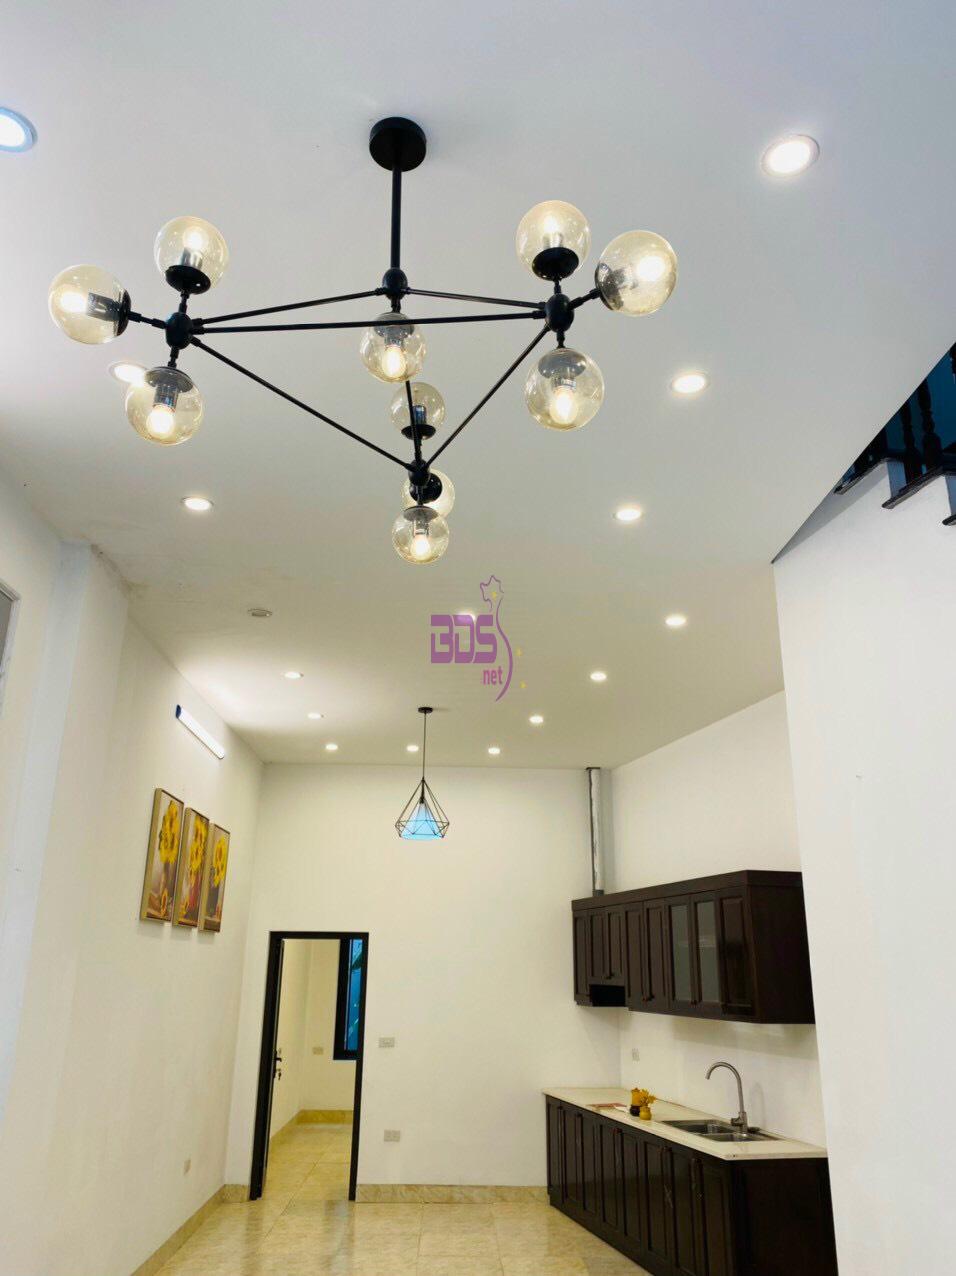 Bán dùm chủ căn nhà 2 tầng phố Lê Viết Quang, Ngọc Châu 59.3m2-3